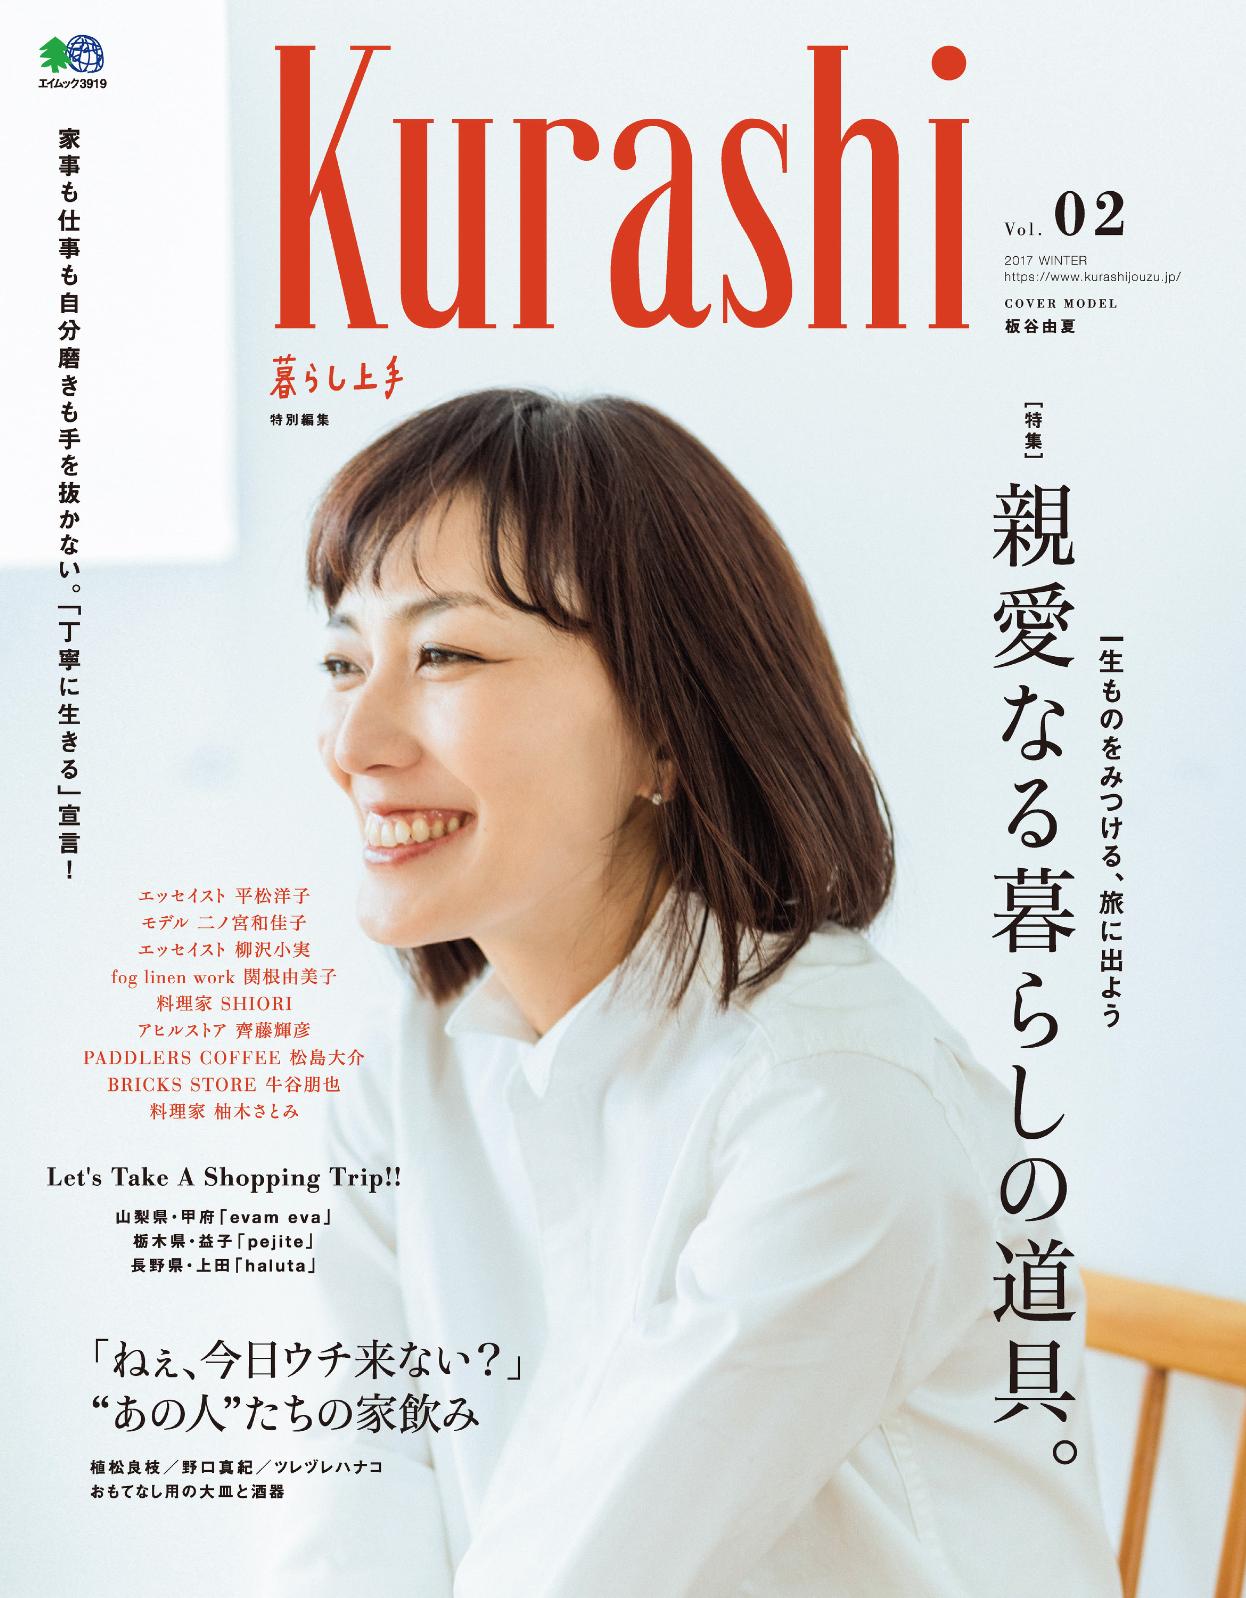 Kurashi.vol2表紙にて板谷由夏さん、中ページでは料理家SHIORIさん柚木さとみさん撮影させていただきました。